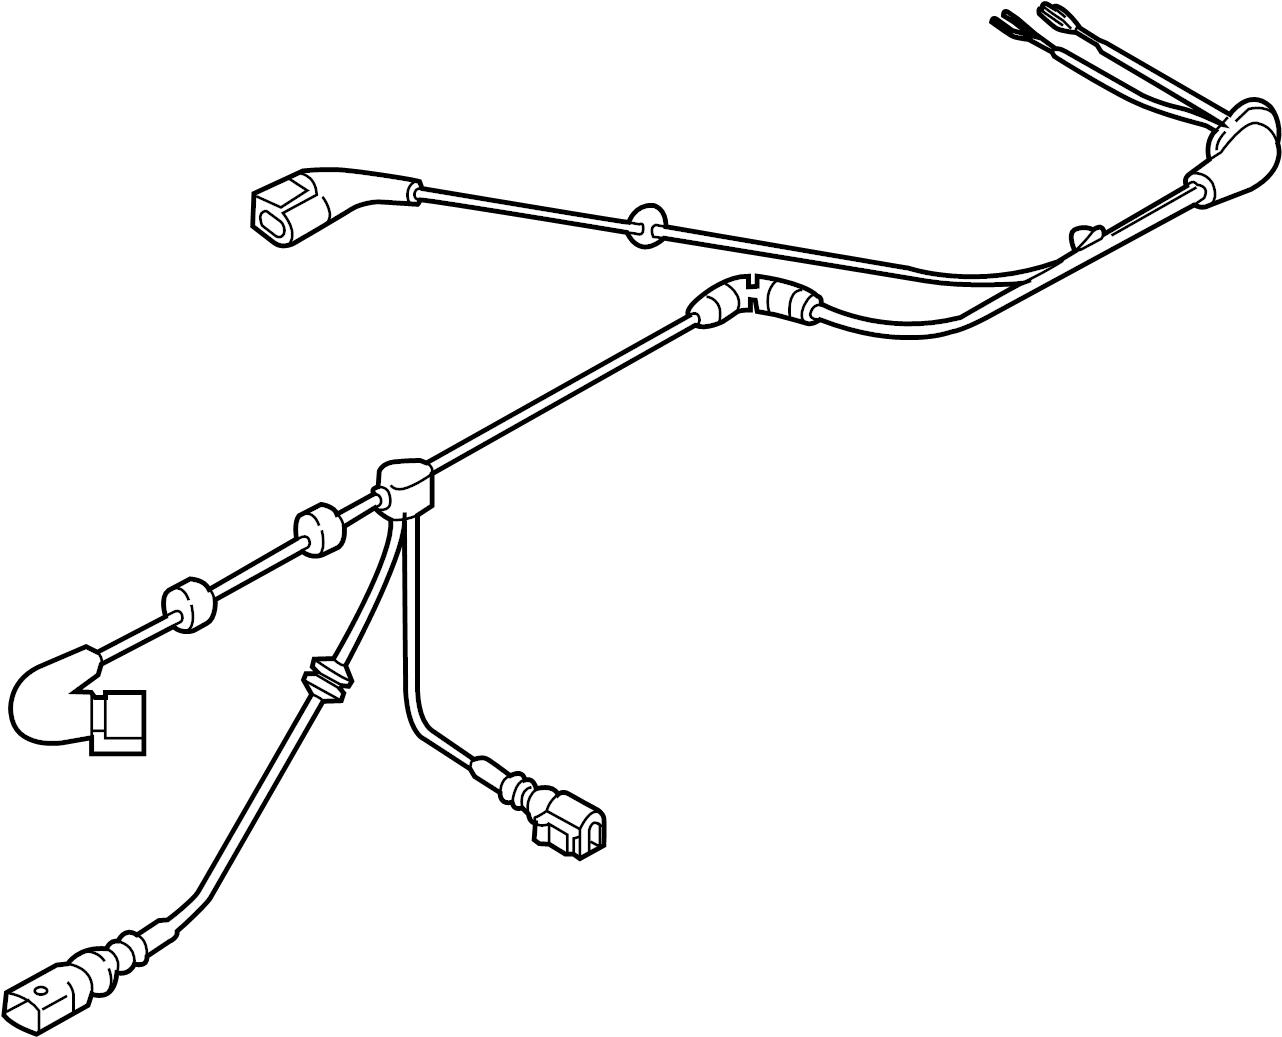 Volkswagen Alltrack Abs wheel speed sensor wiring harness